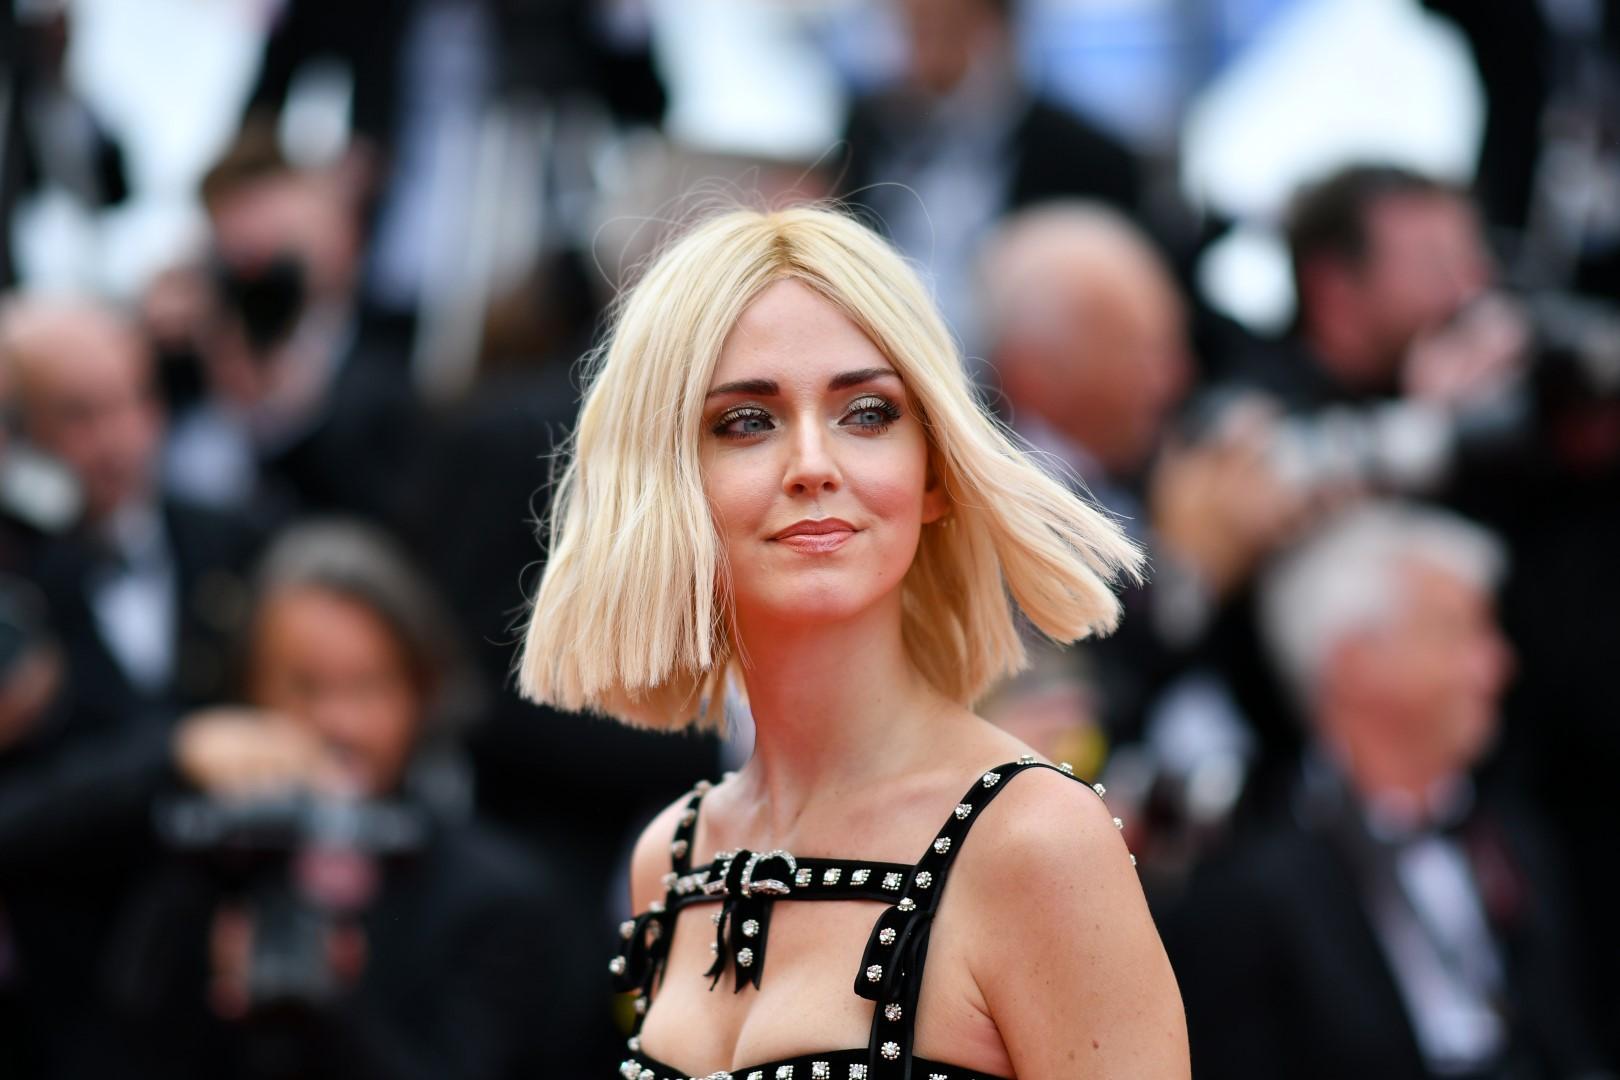 Cannes, i tagli di capelli più in voga: lunghi, corti o raccolti?